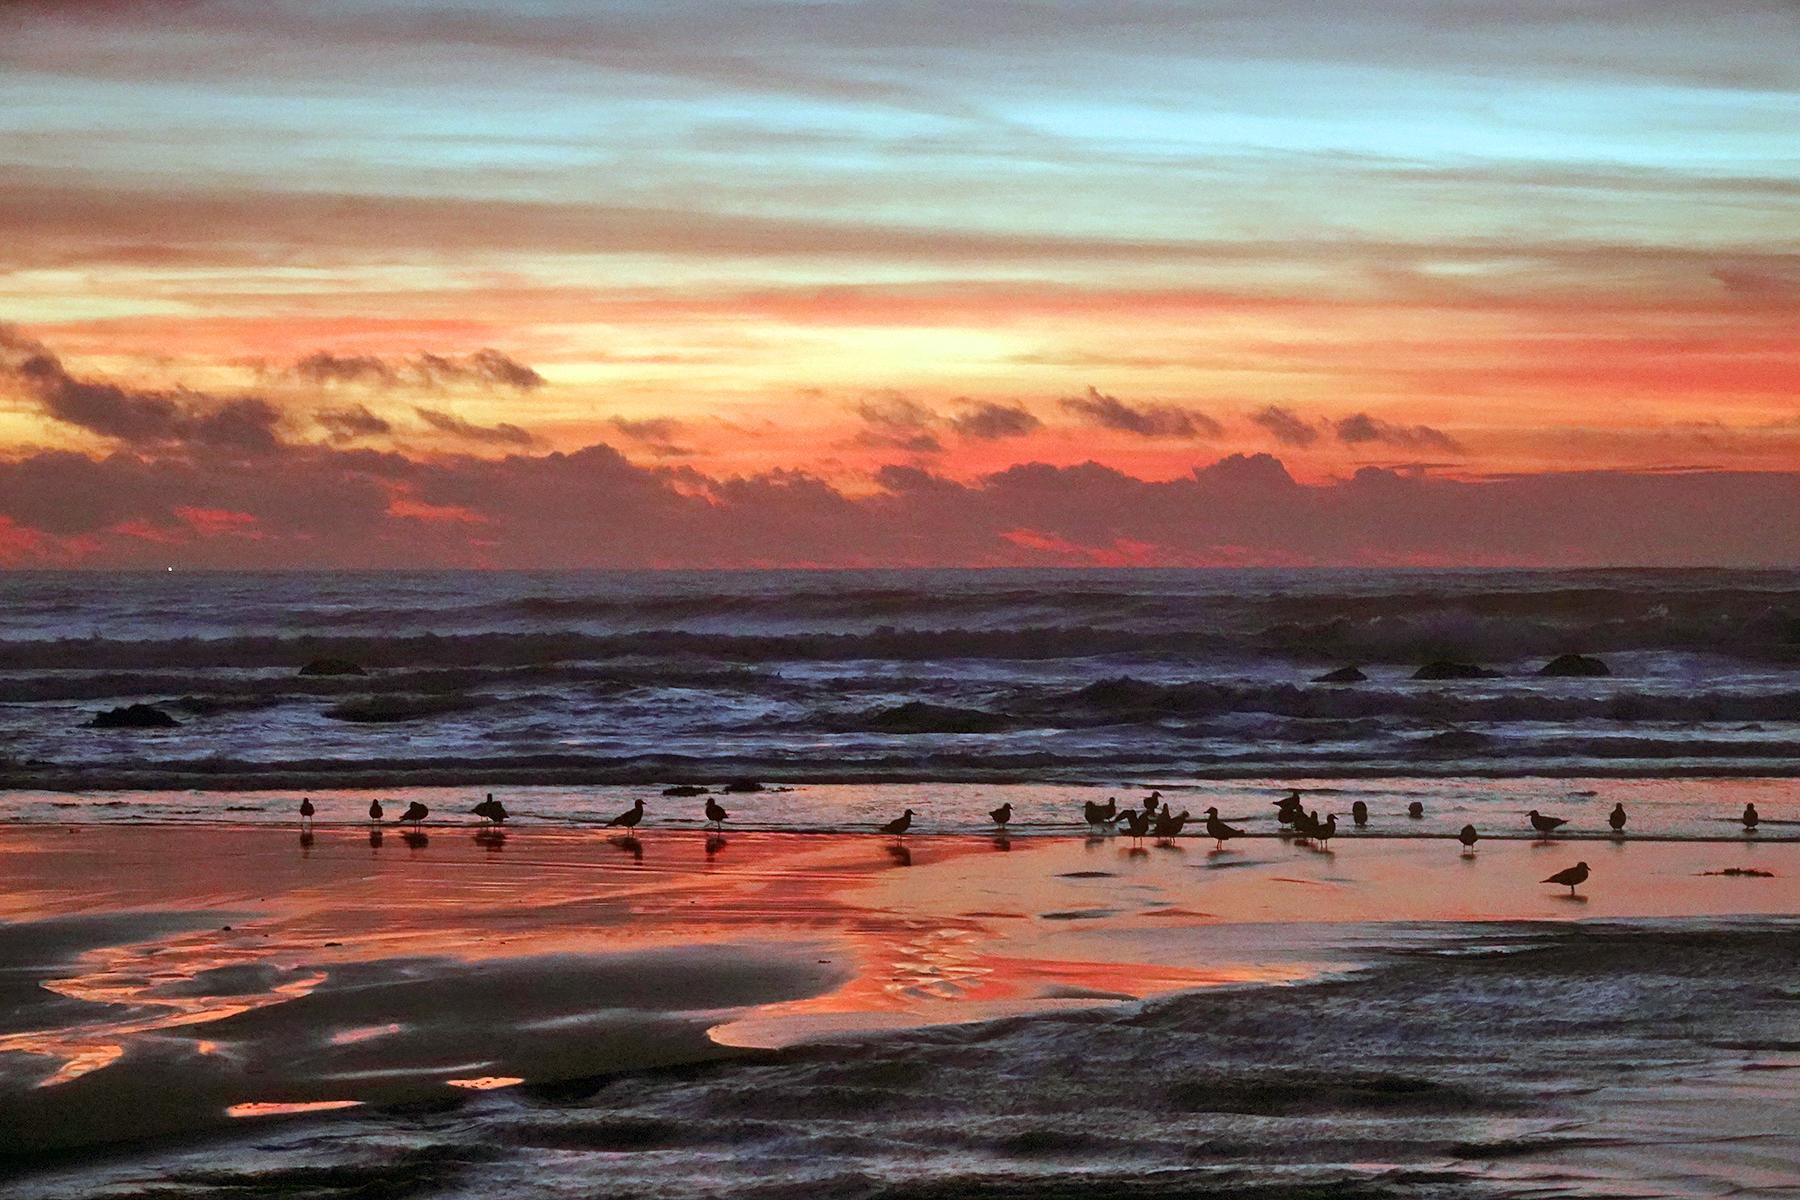 Gazos Creek Sunset 1 - Carla Brennan